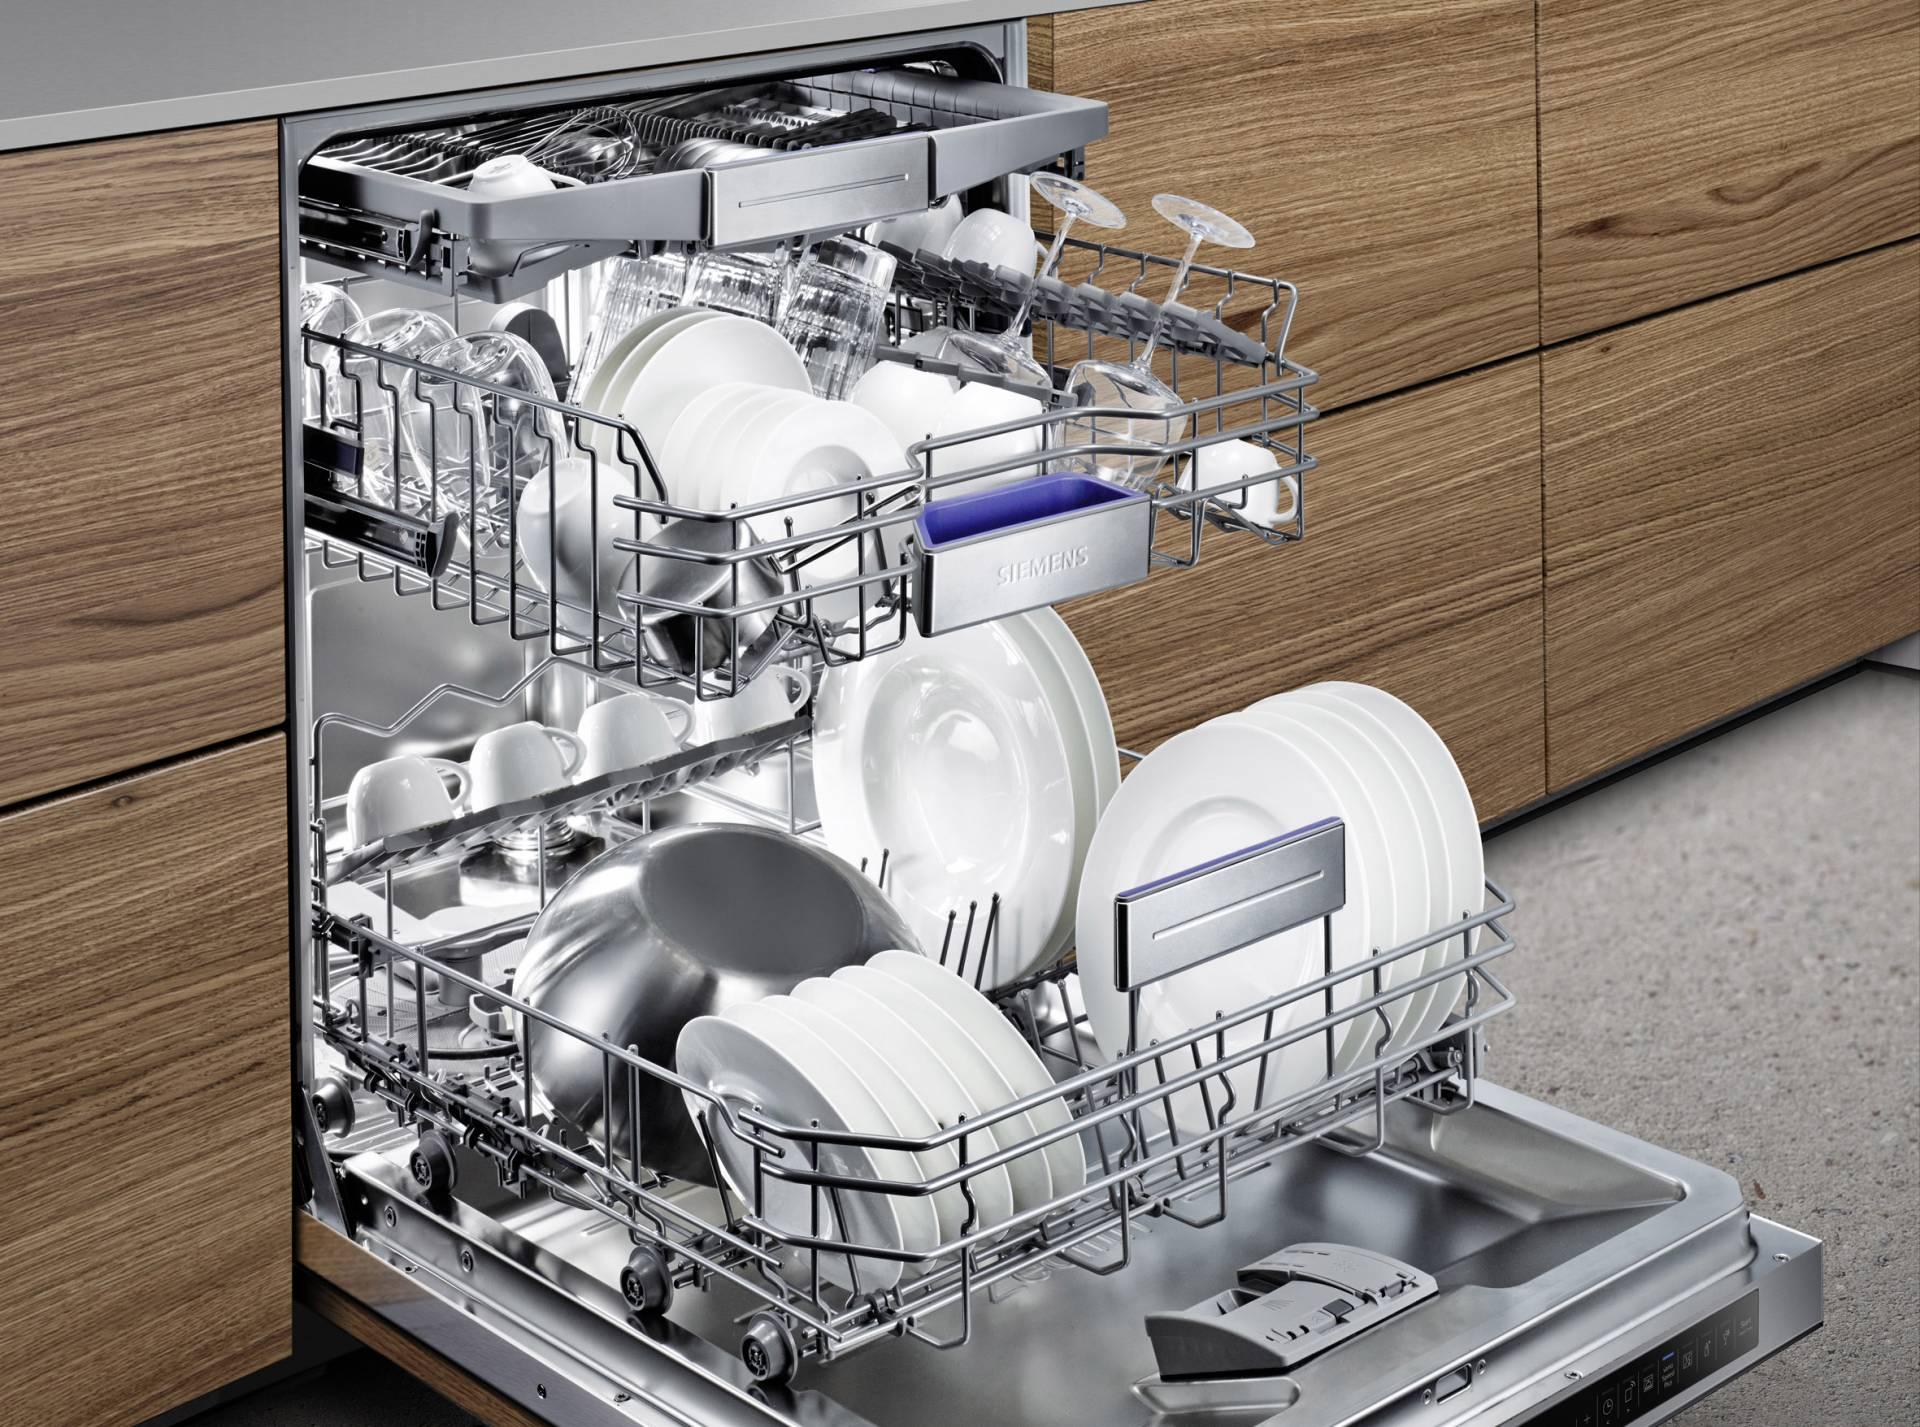 Kühlschrank Richtig Einräumen Siemens : Geschirrspüler richtig einräumen und sparen